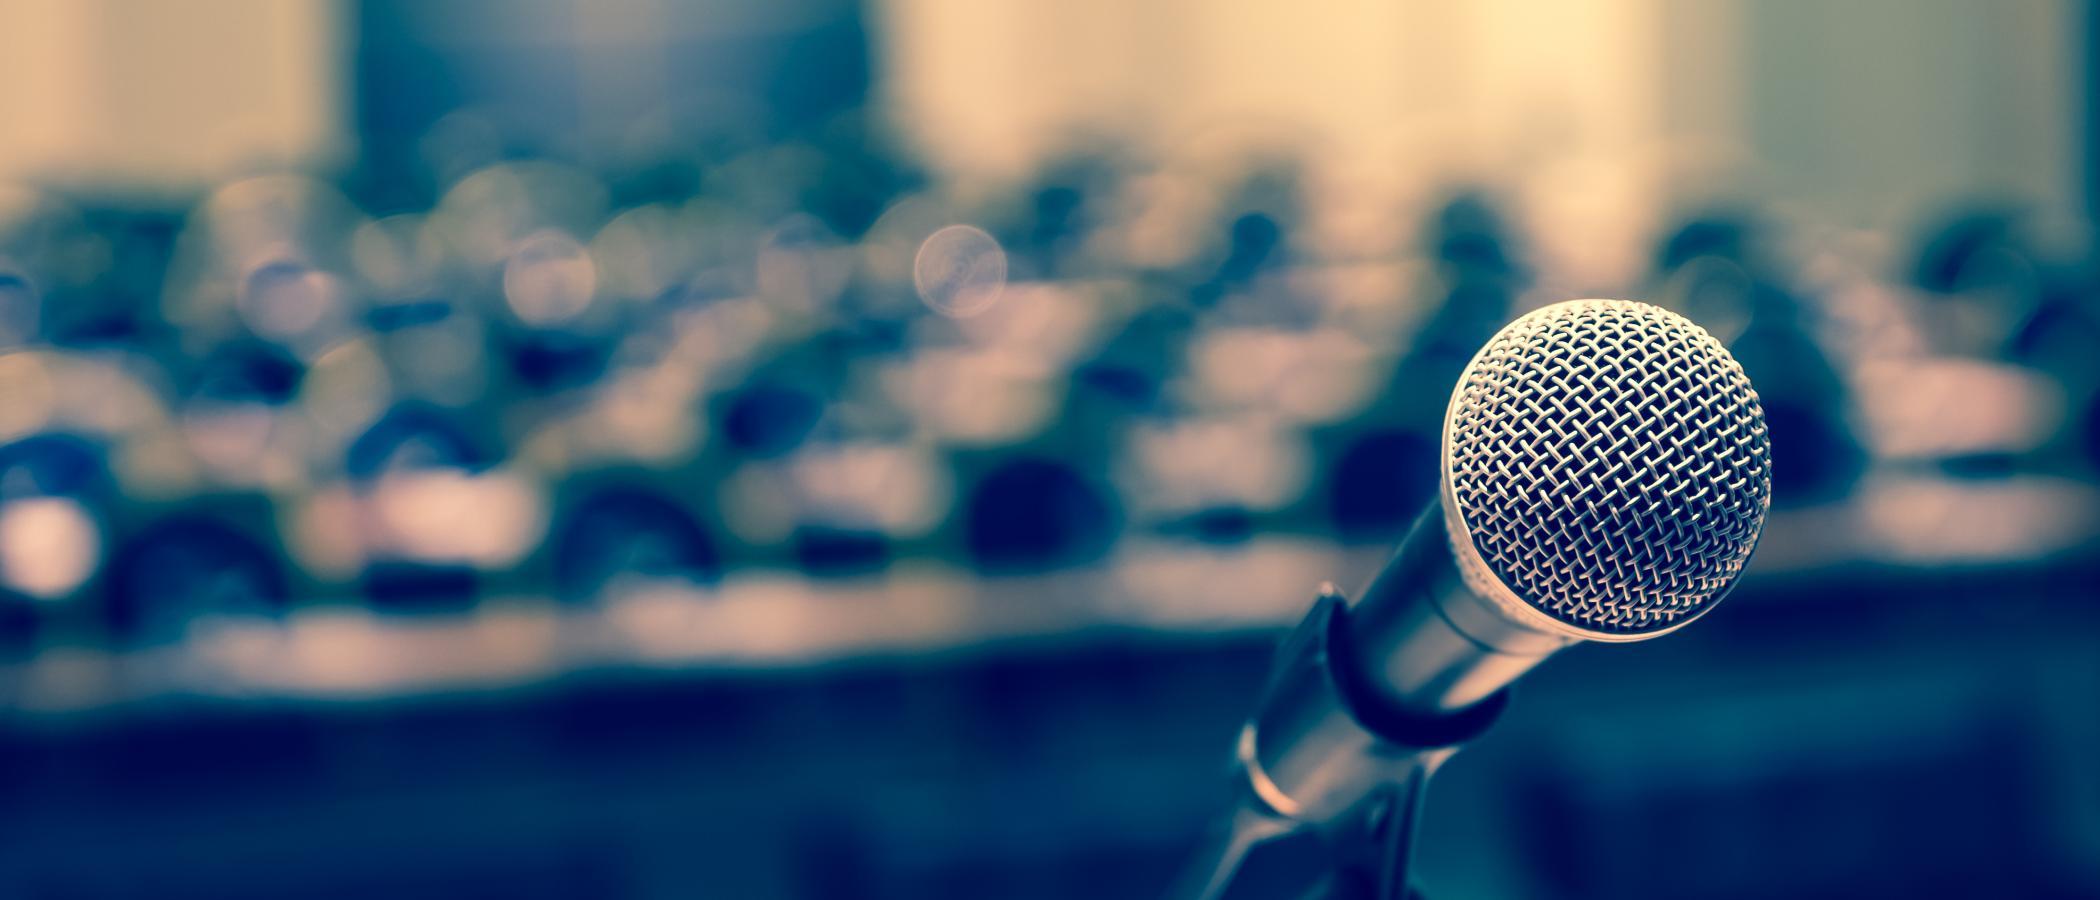 Seminar-Background